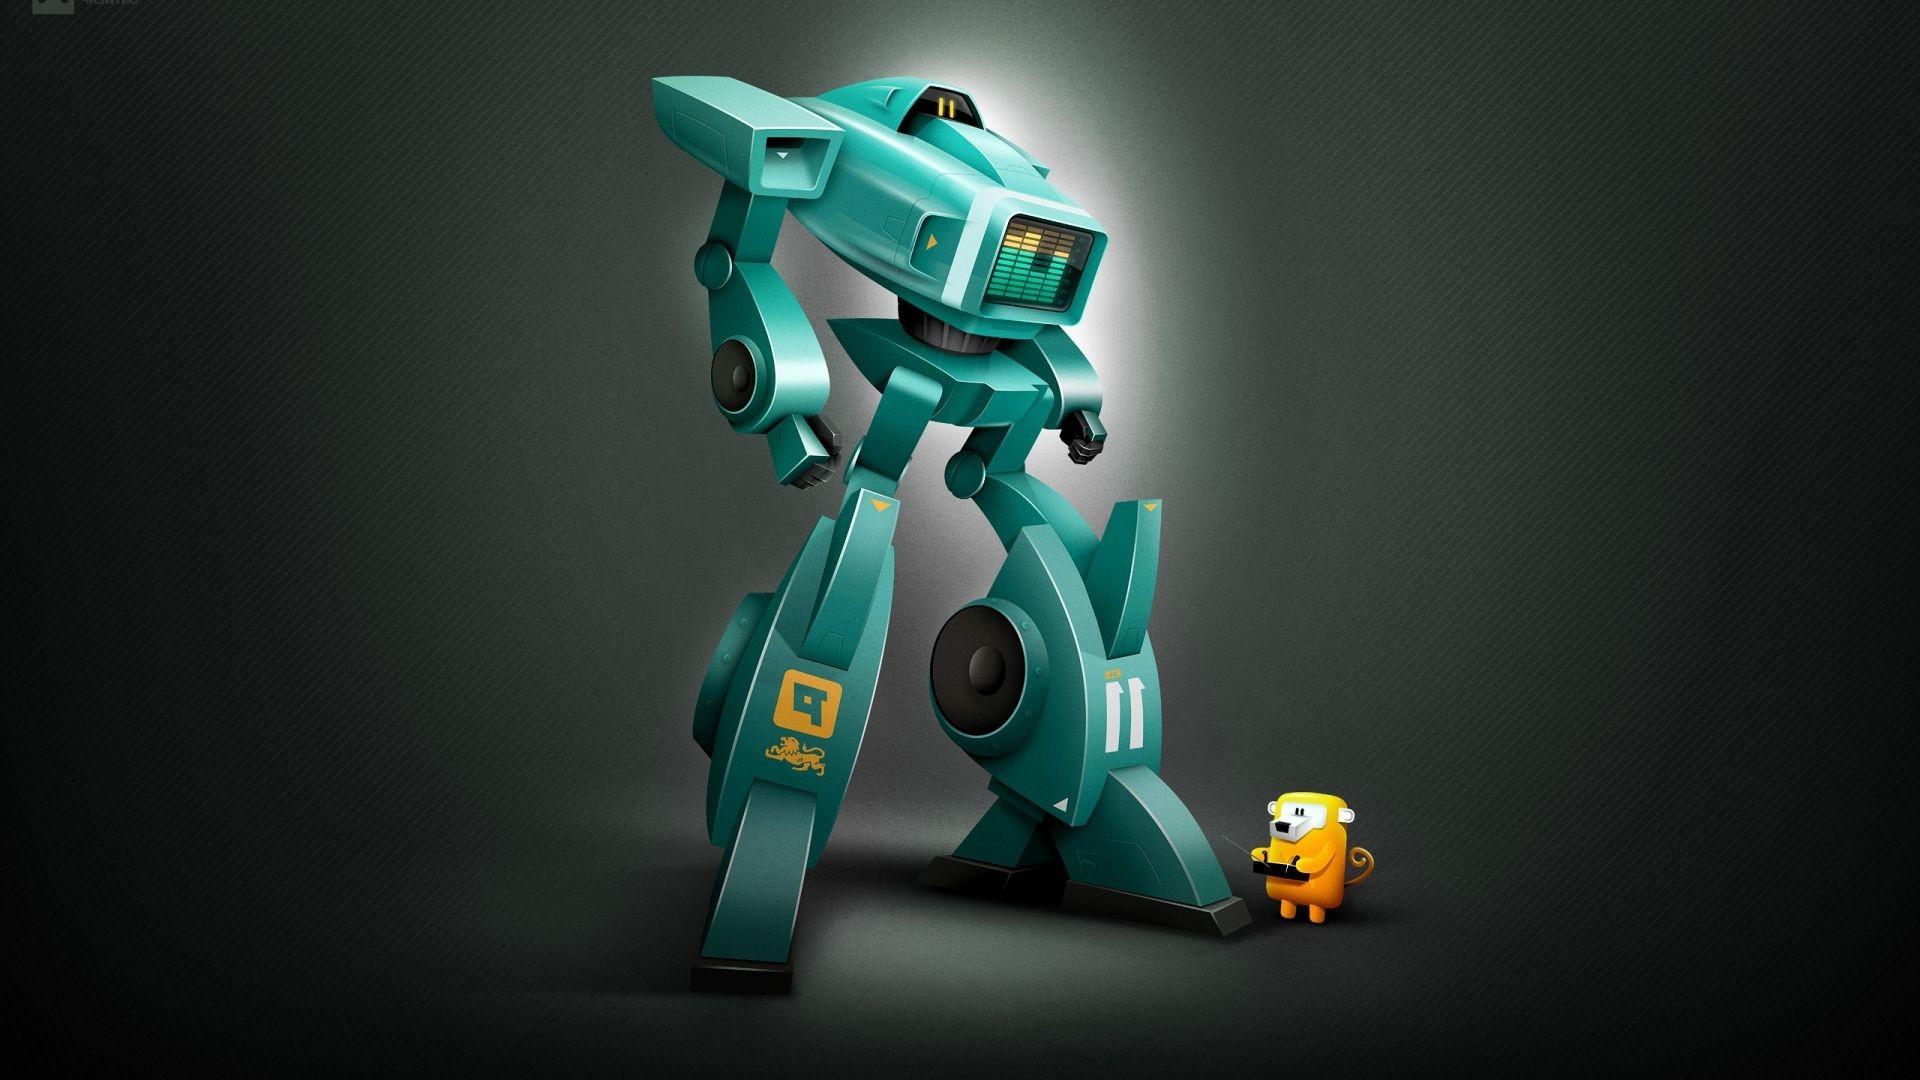 Robot hd desktop wallpaper